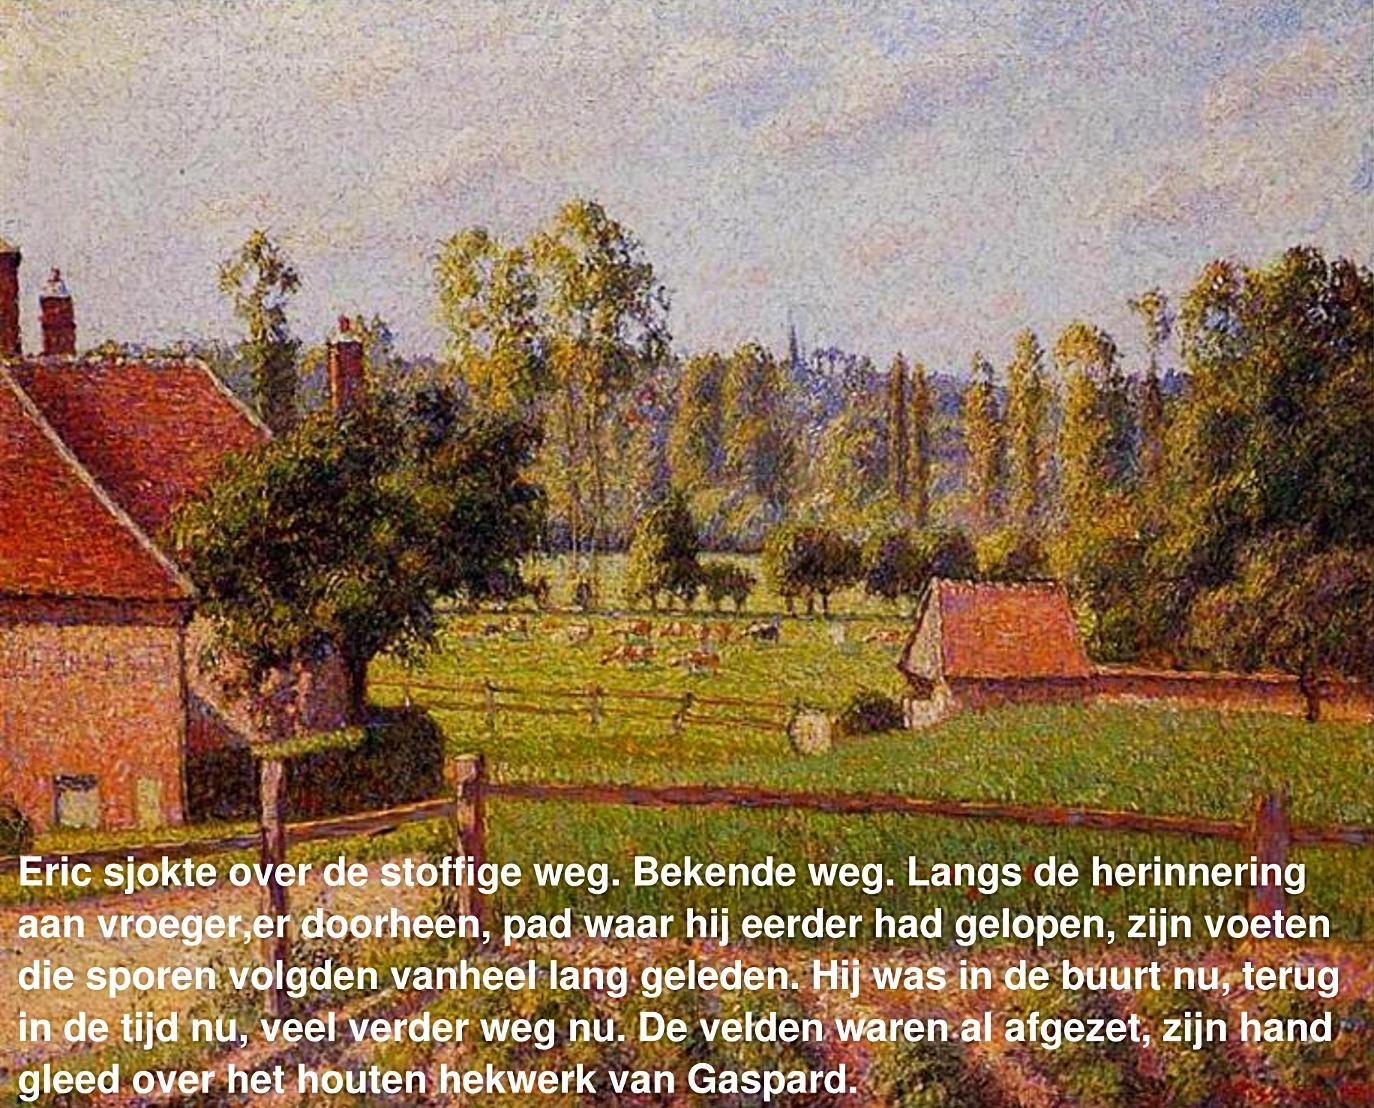 De boerderij van Gaspard